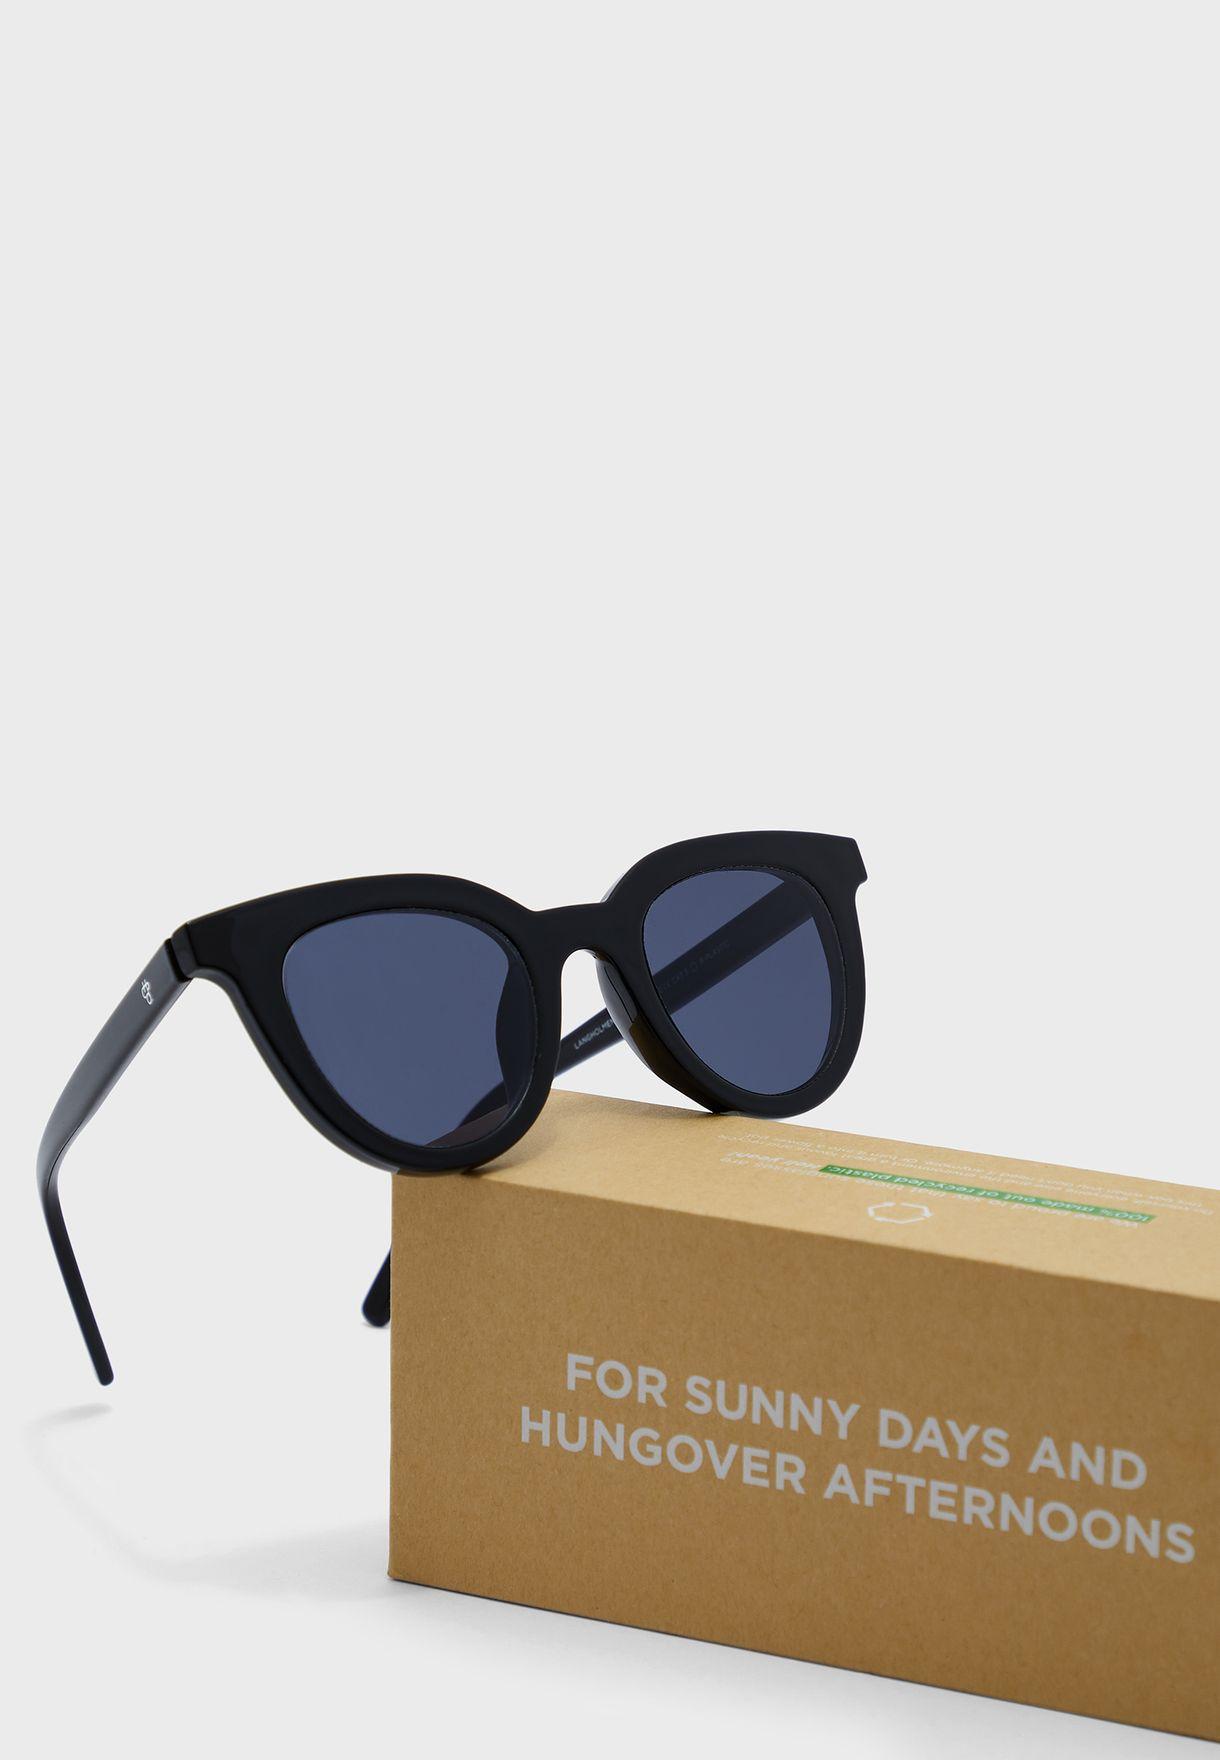 Långholmen Sunglasses